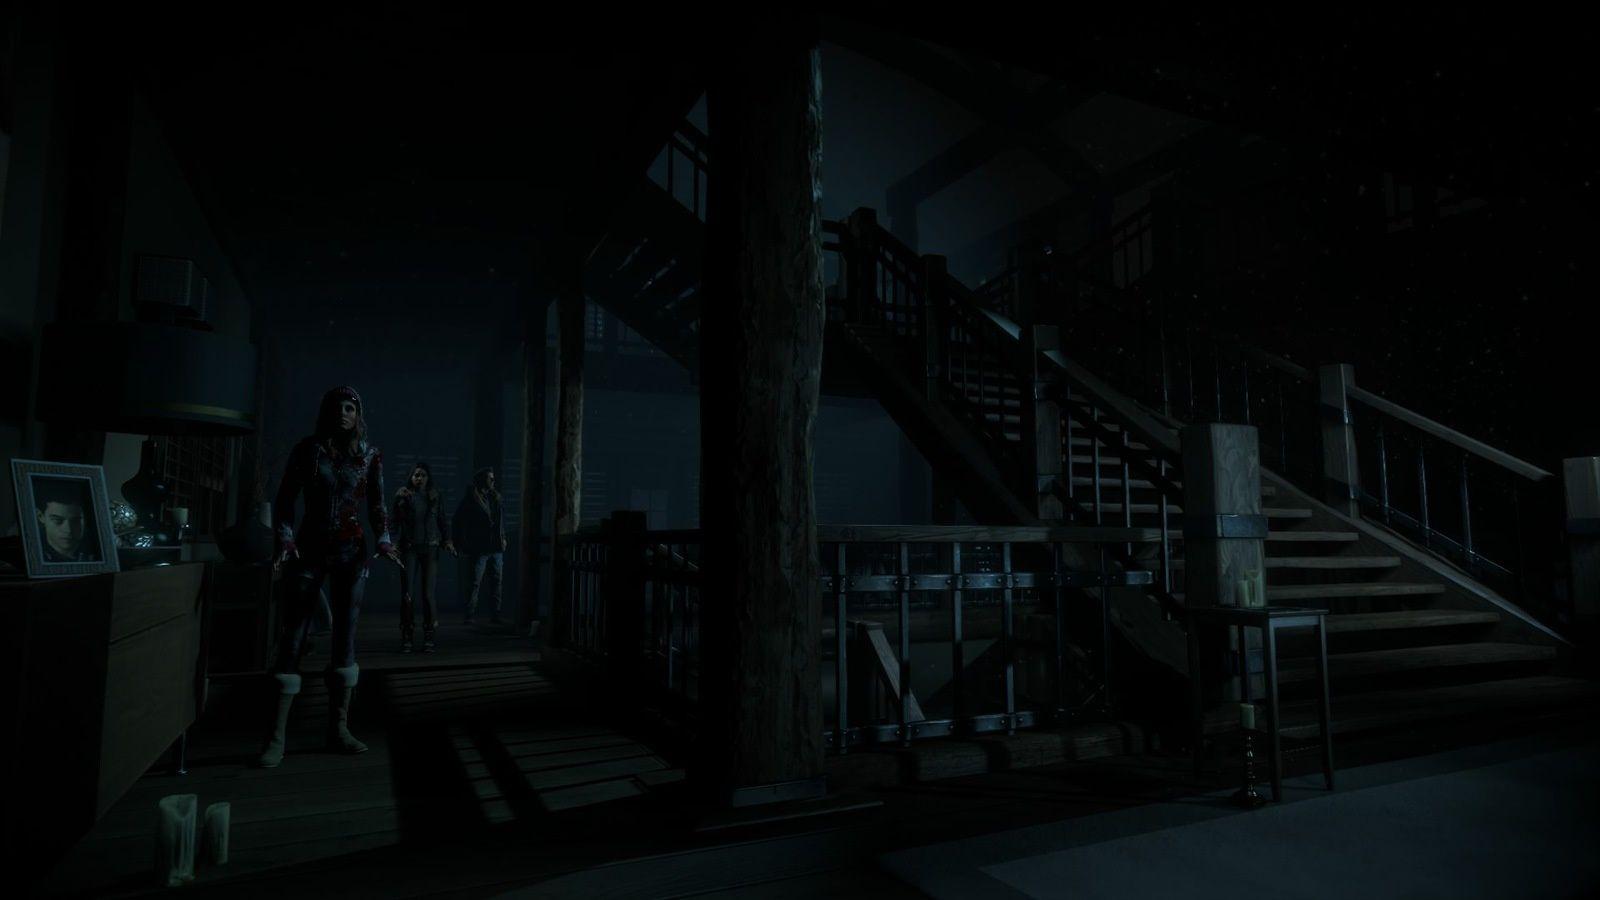 Until Dawn est vraiment une bonne expérience de jeu. La trame narrative évoluant en fonction de vos choix, n'allez pas penser que les images présentes ici représentent nécessairement l'expérience que vous ferez de cette aventure.